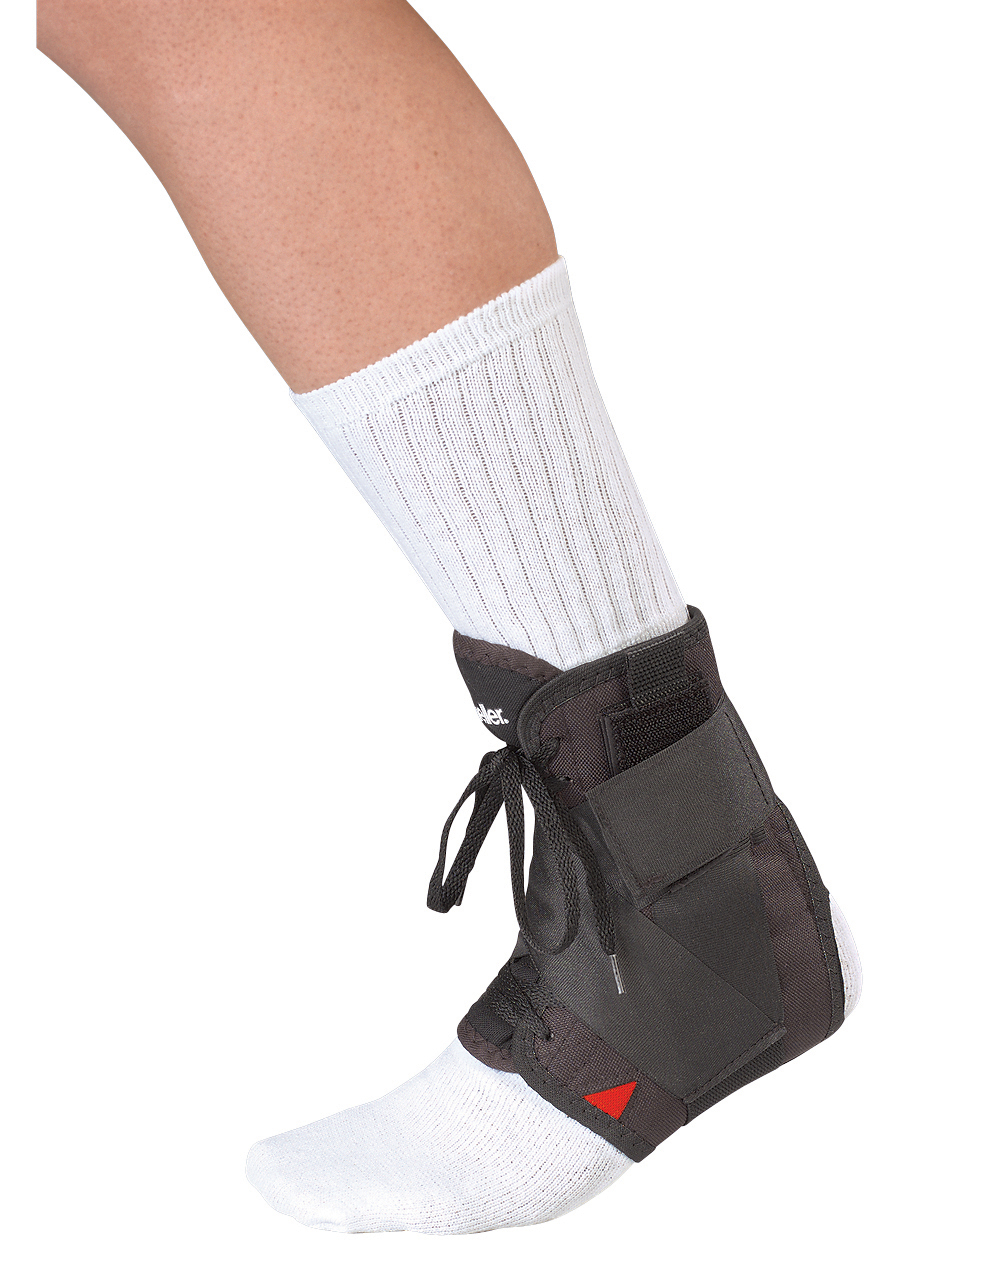 soft-ankle-brace-w-straps-black-xs-213xs-74676213019-lr.jpg